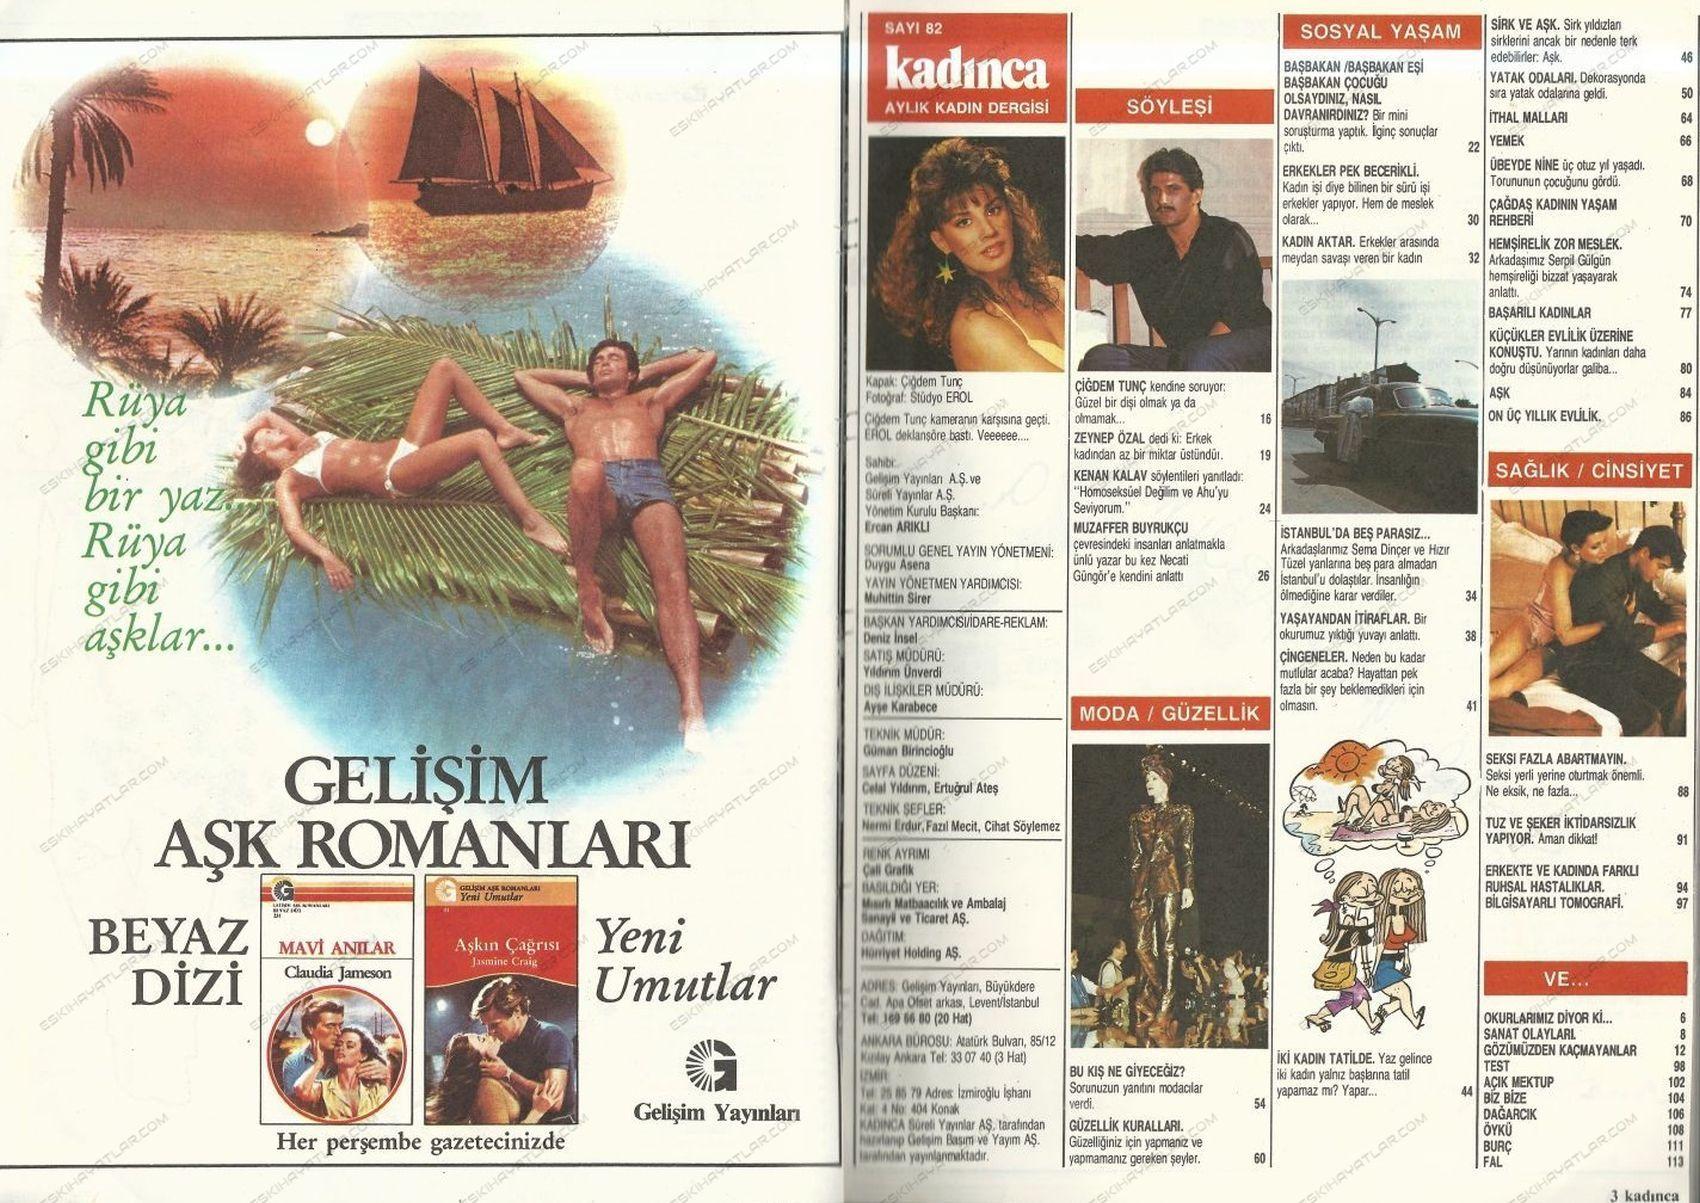 0329-cigdem-tunc-do-re-mi-programi-trt-1985-kadinca-dergisi-erol-atar-fotograflari-studyo-erol (4)